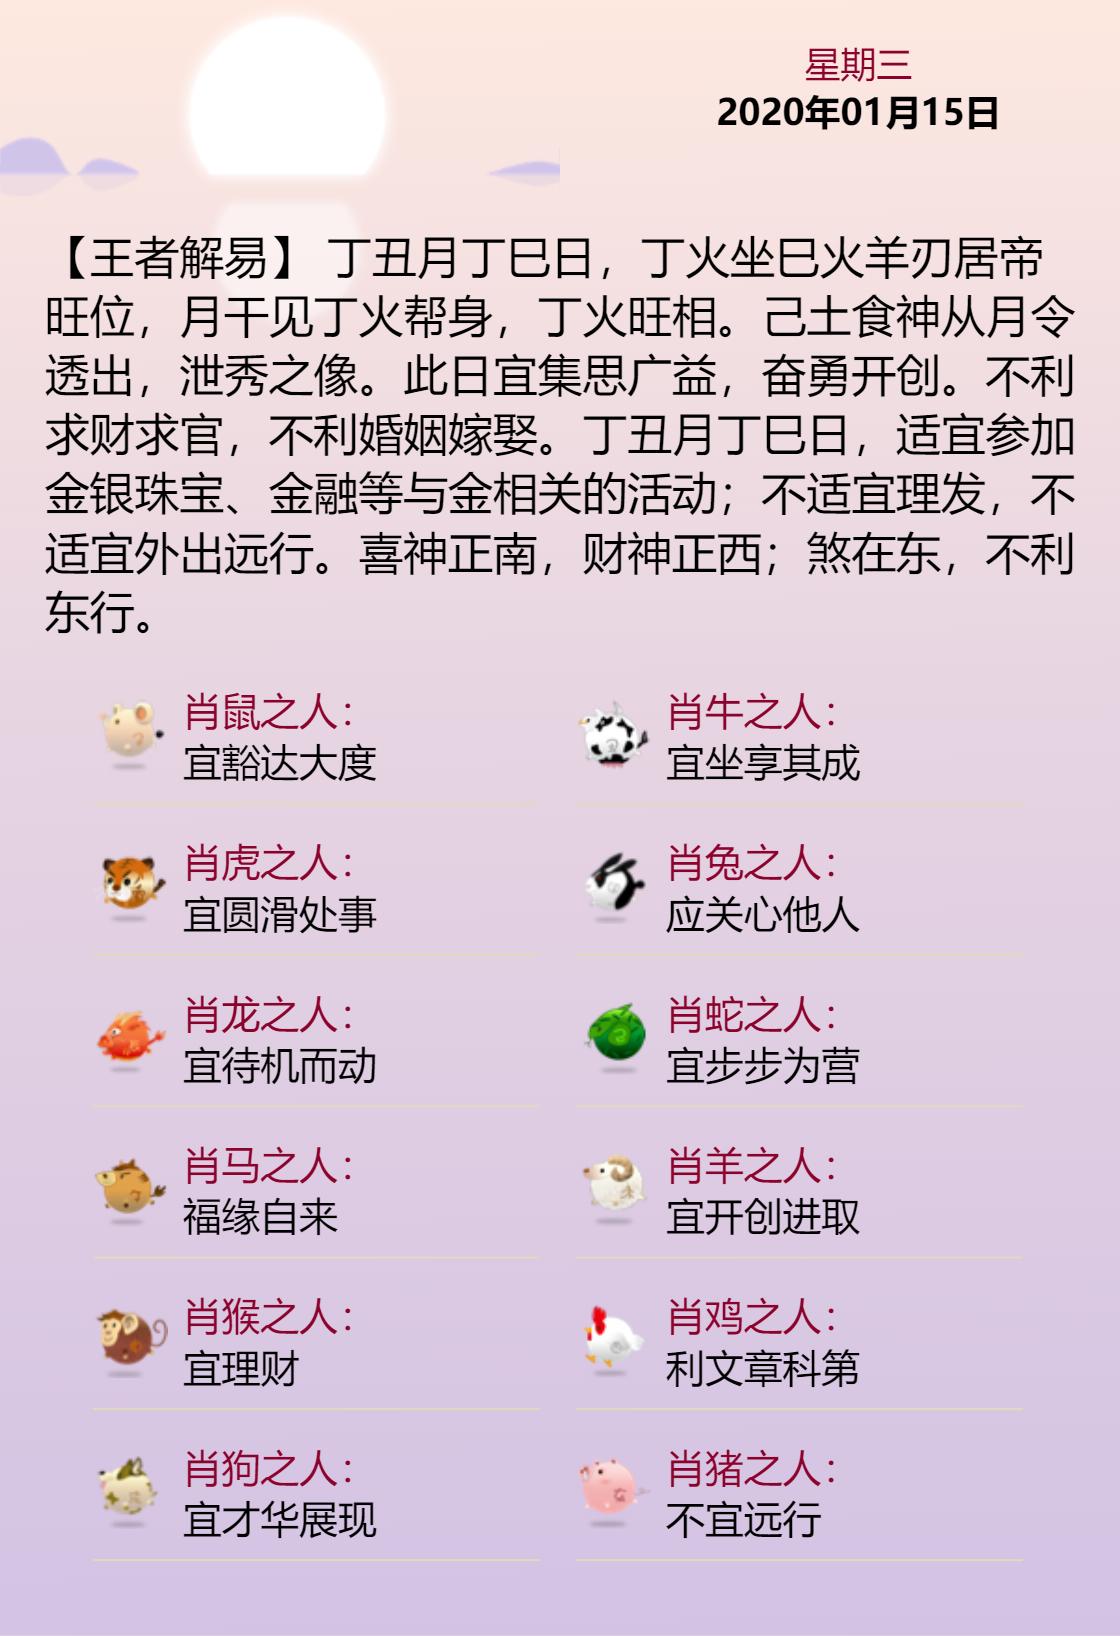 黄历海报20200115.png